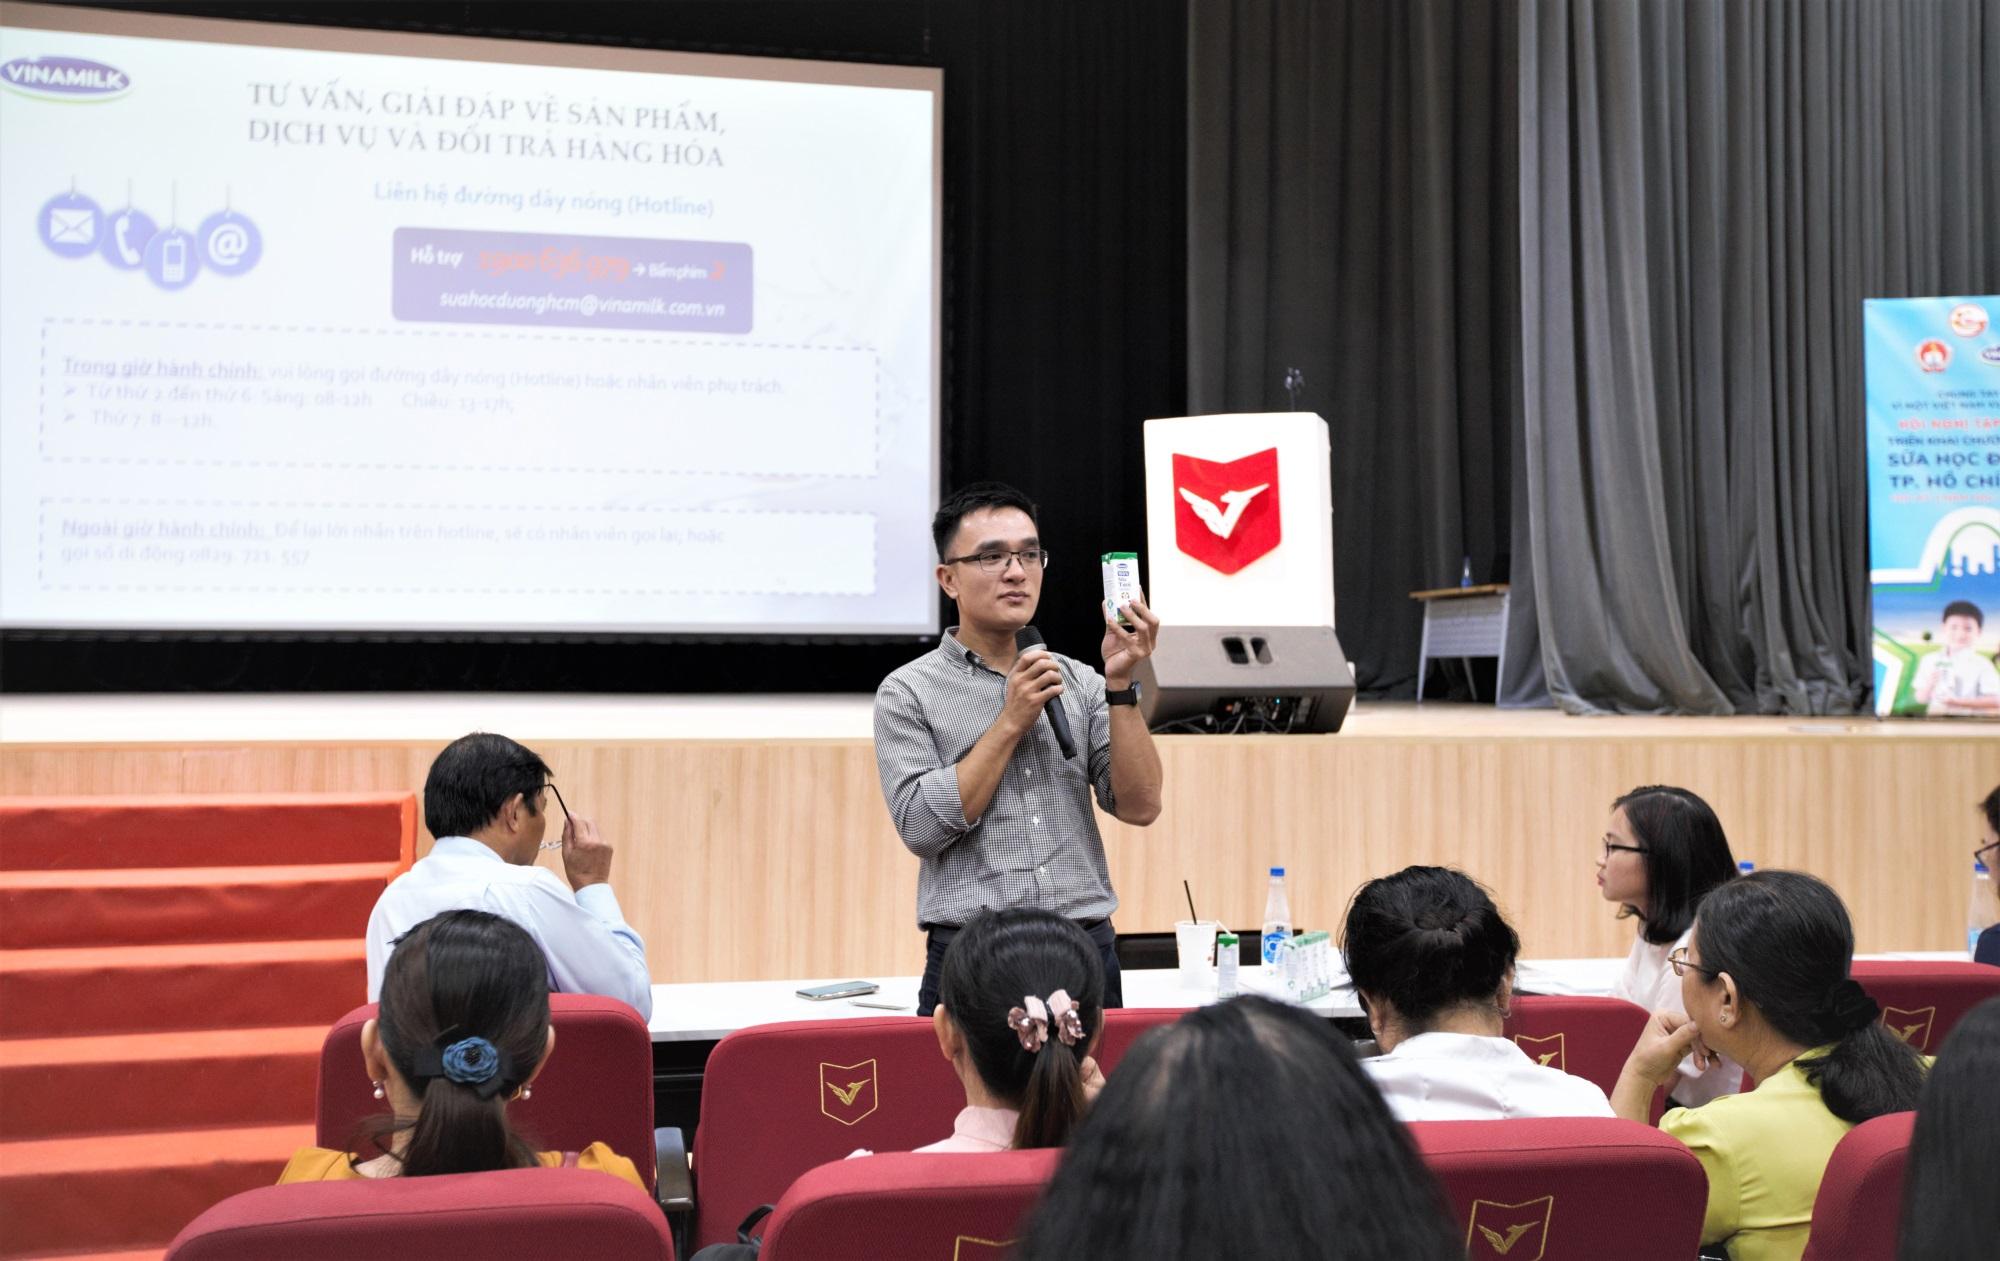 Thế hệ trẻ và những lý do khao khát 'đầu quân' cho một công ty sữa Việt - Ảnh 3